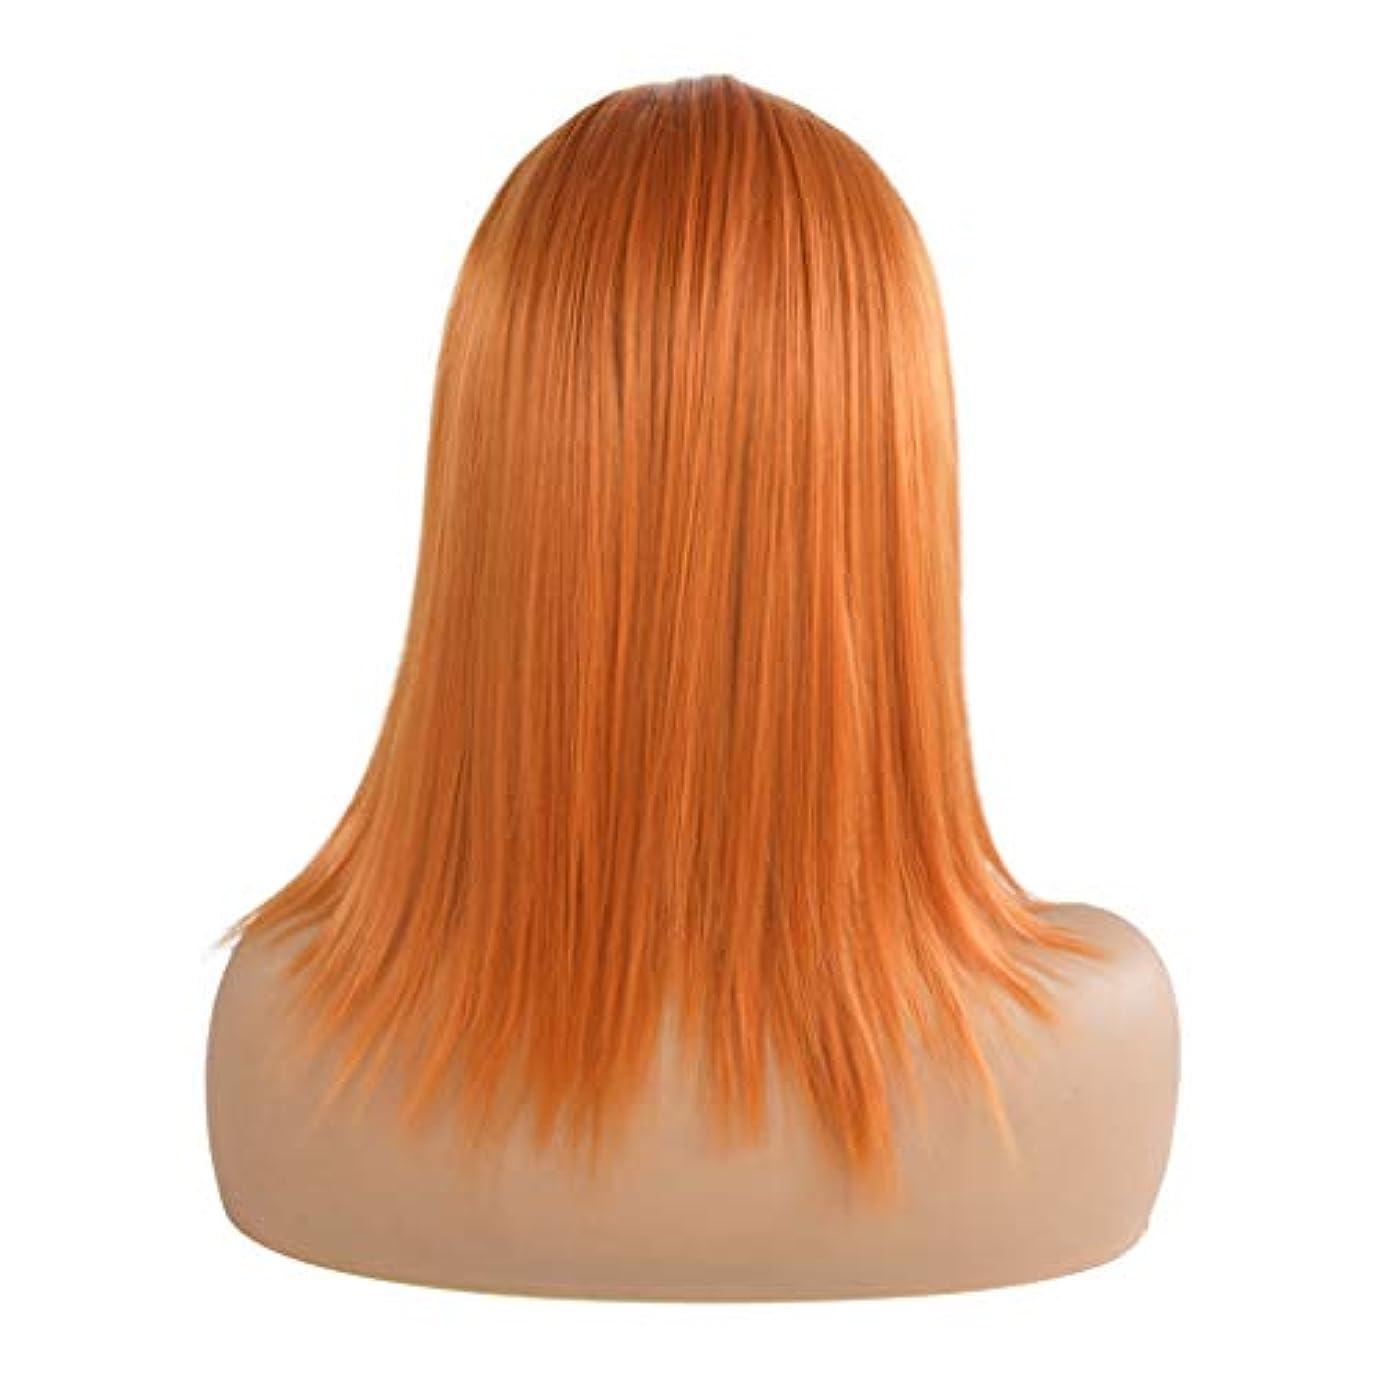 有害申込み可聴ウィッグオレンジショートストレートヘアフロントレースファッションウィッグ18インチ